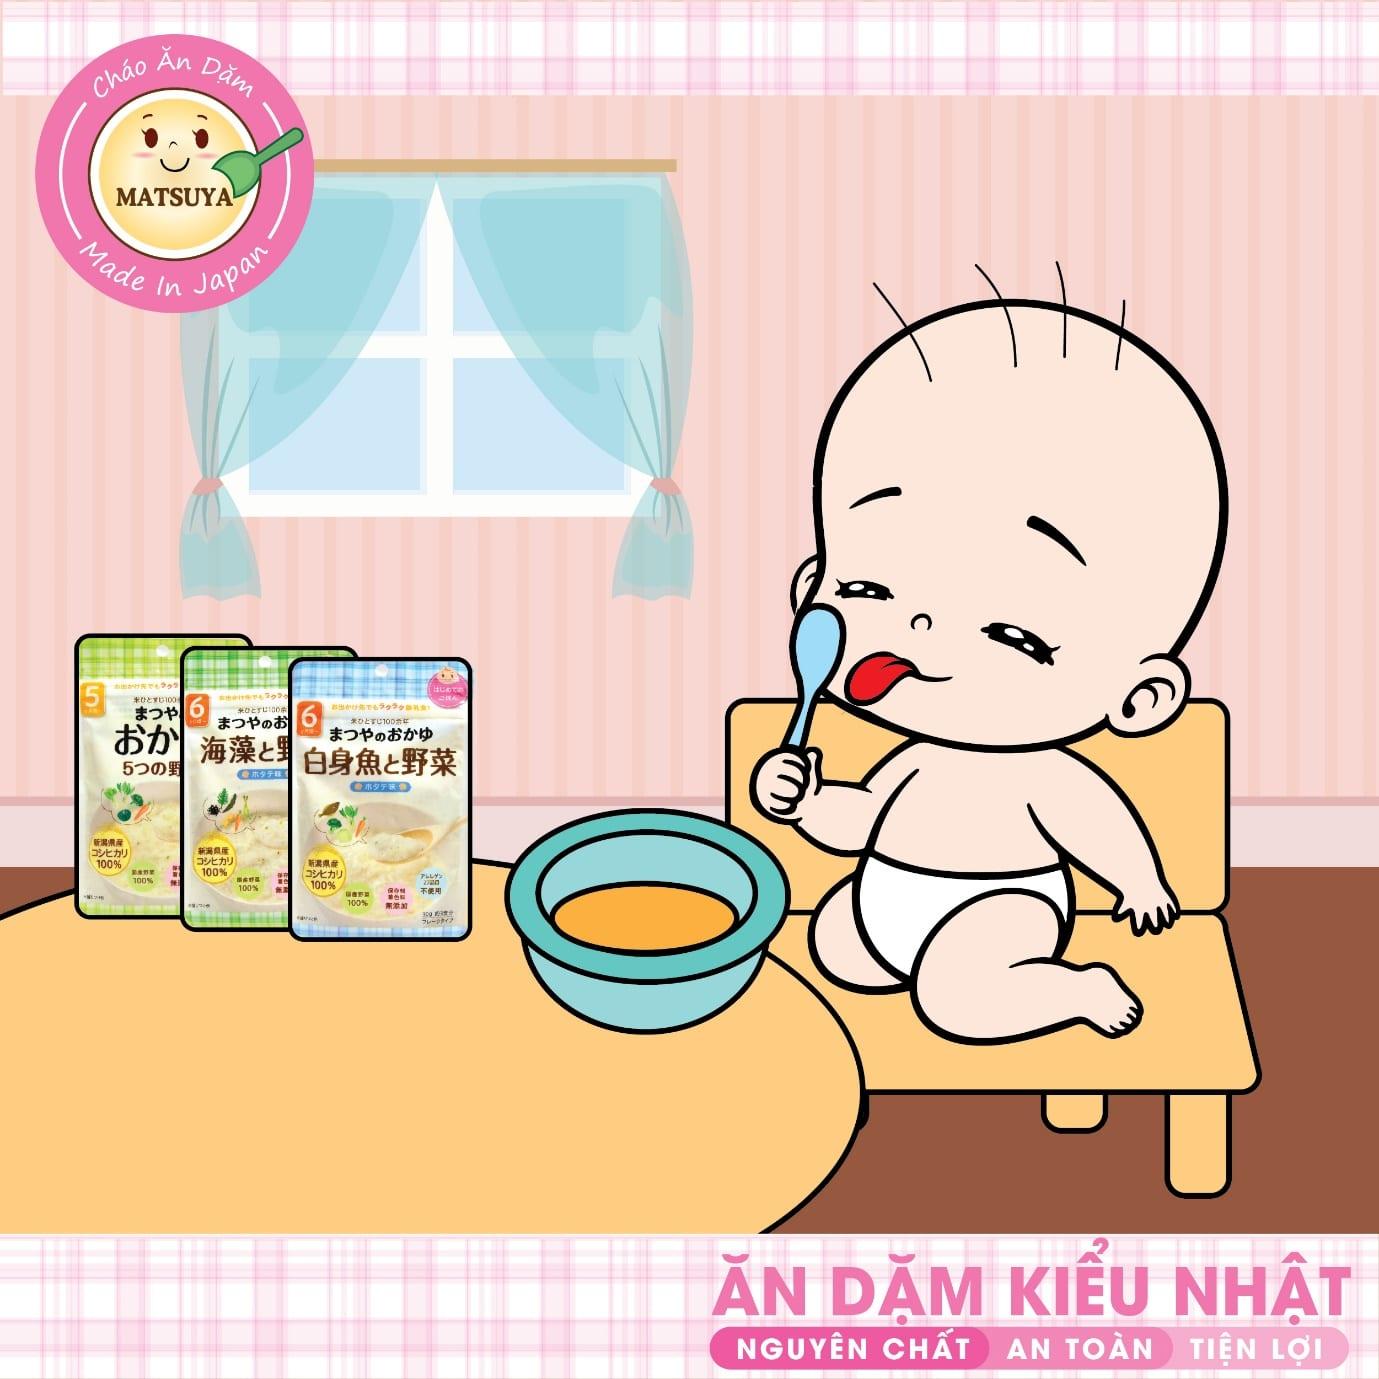 cho-tre-an-dam-nhu-the-nao-la-tot-va-dung-cach-lieu-cac-me-da-biet.html